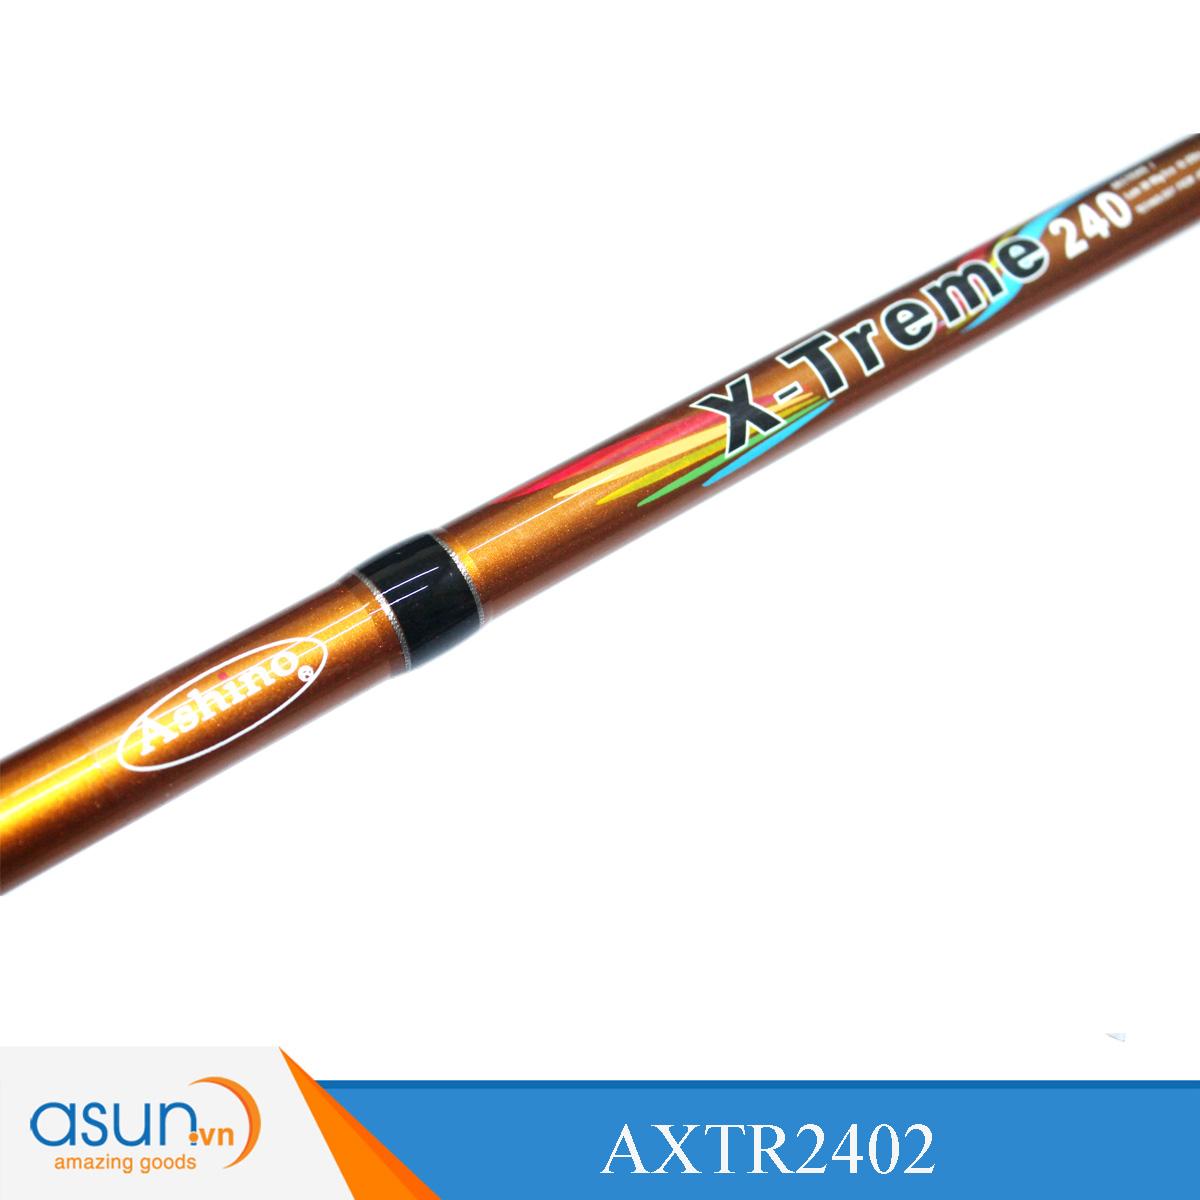 Bộ Combo Cần Câu Ashino X treme 2m4 - Máy Câu BKK5000- Dây Cước Nhện